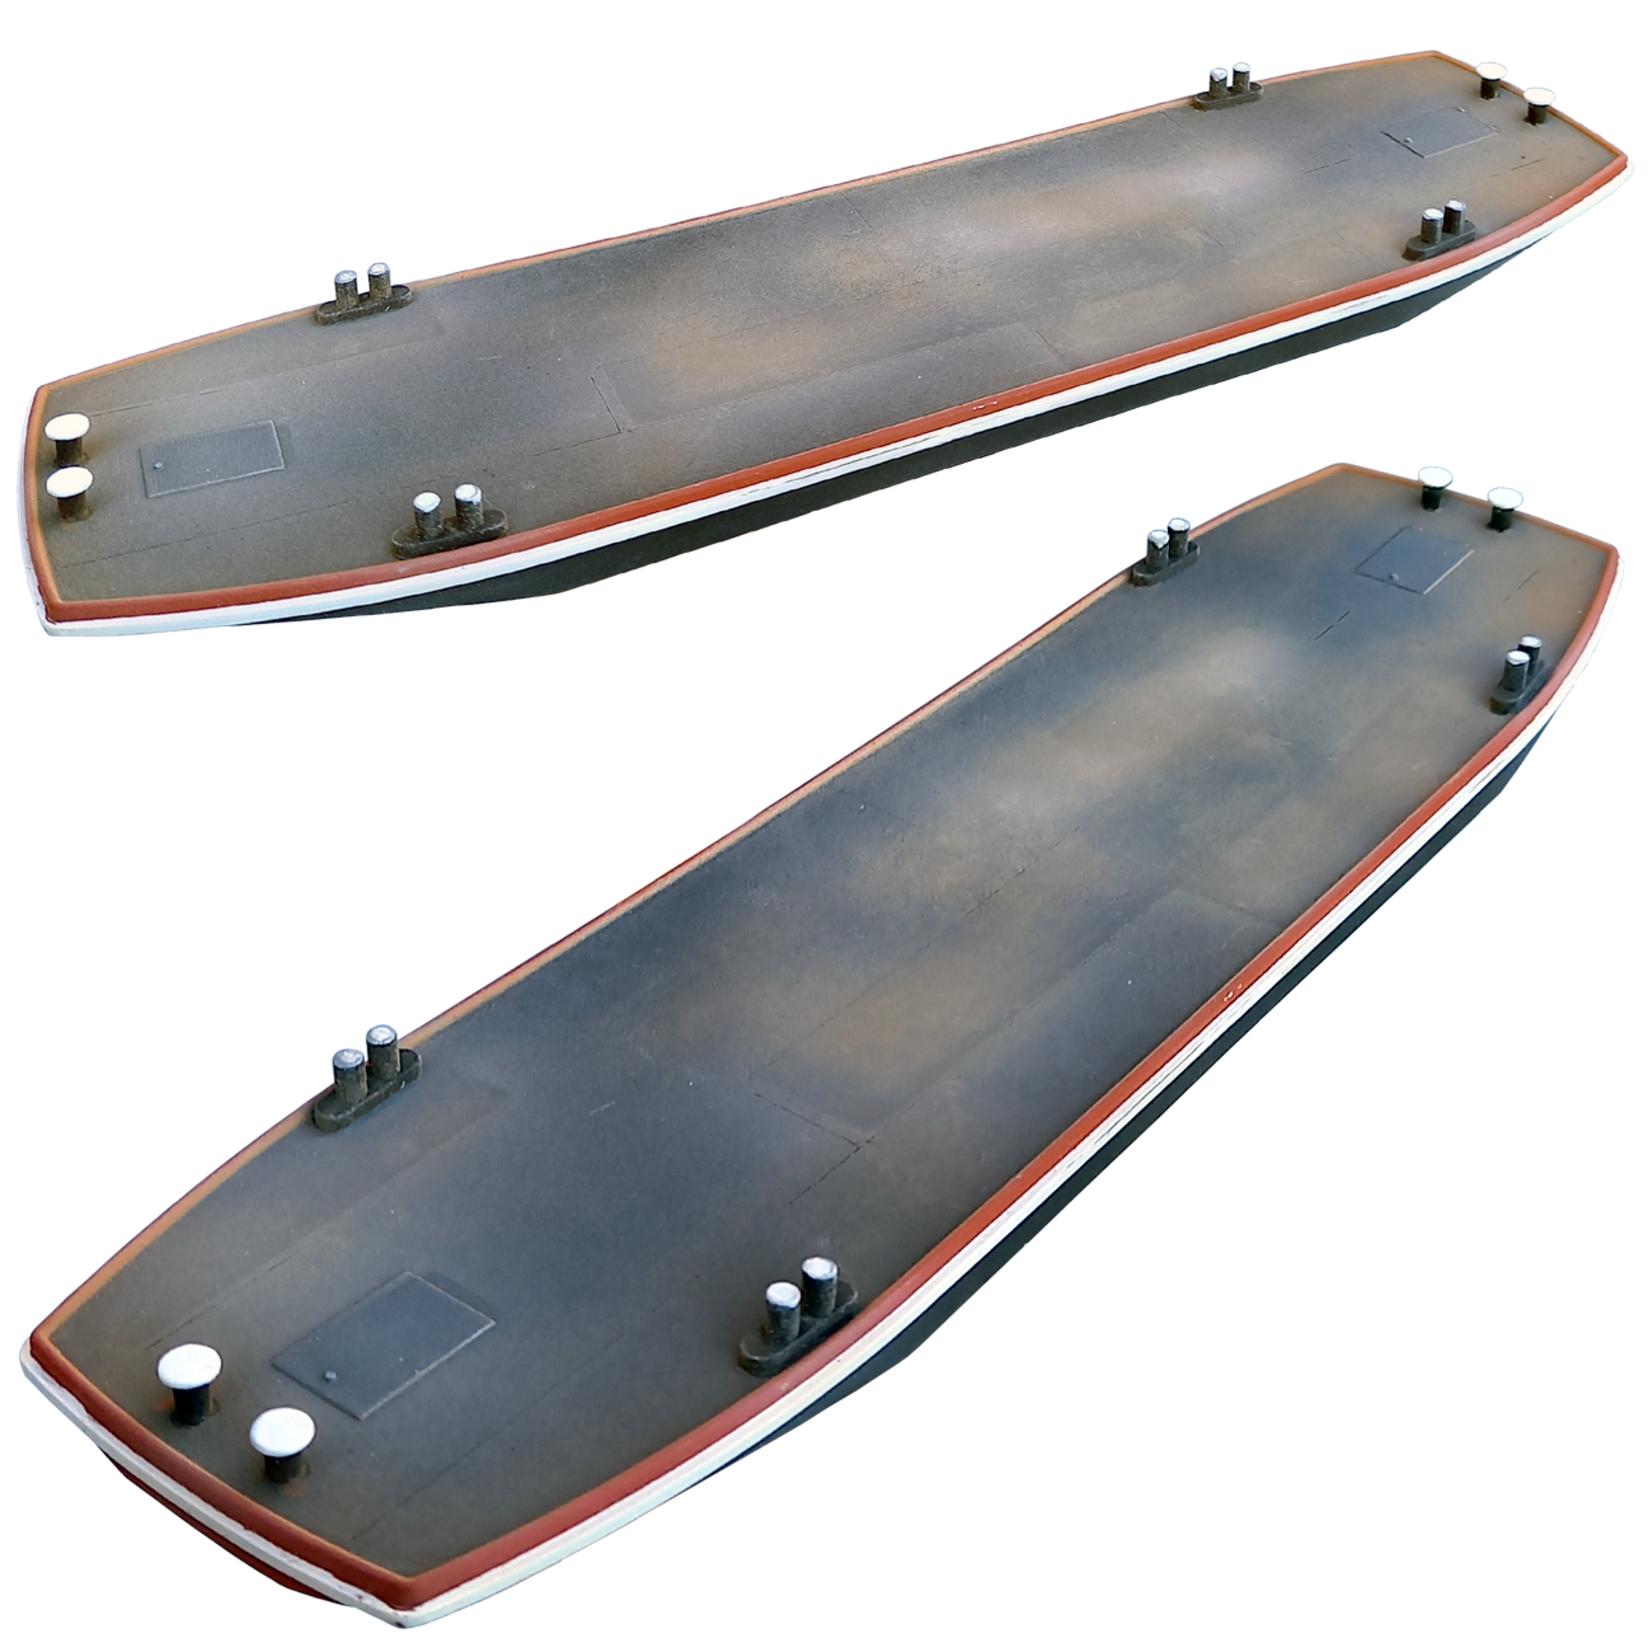 Pontoon Flat-bottomed boat